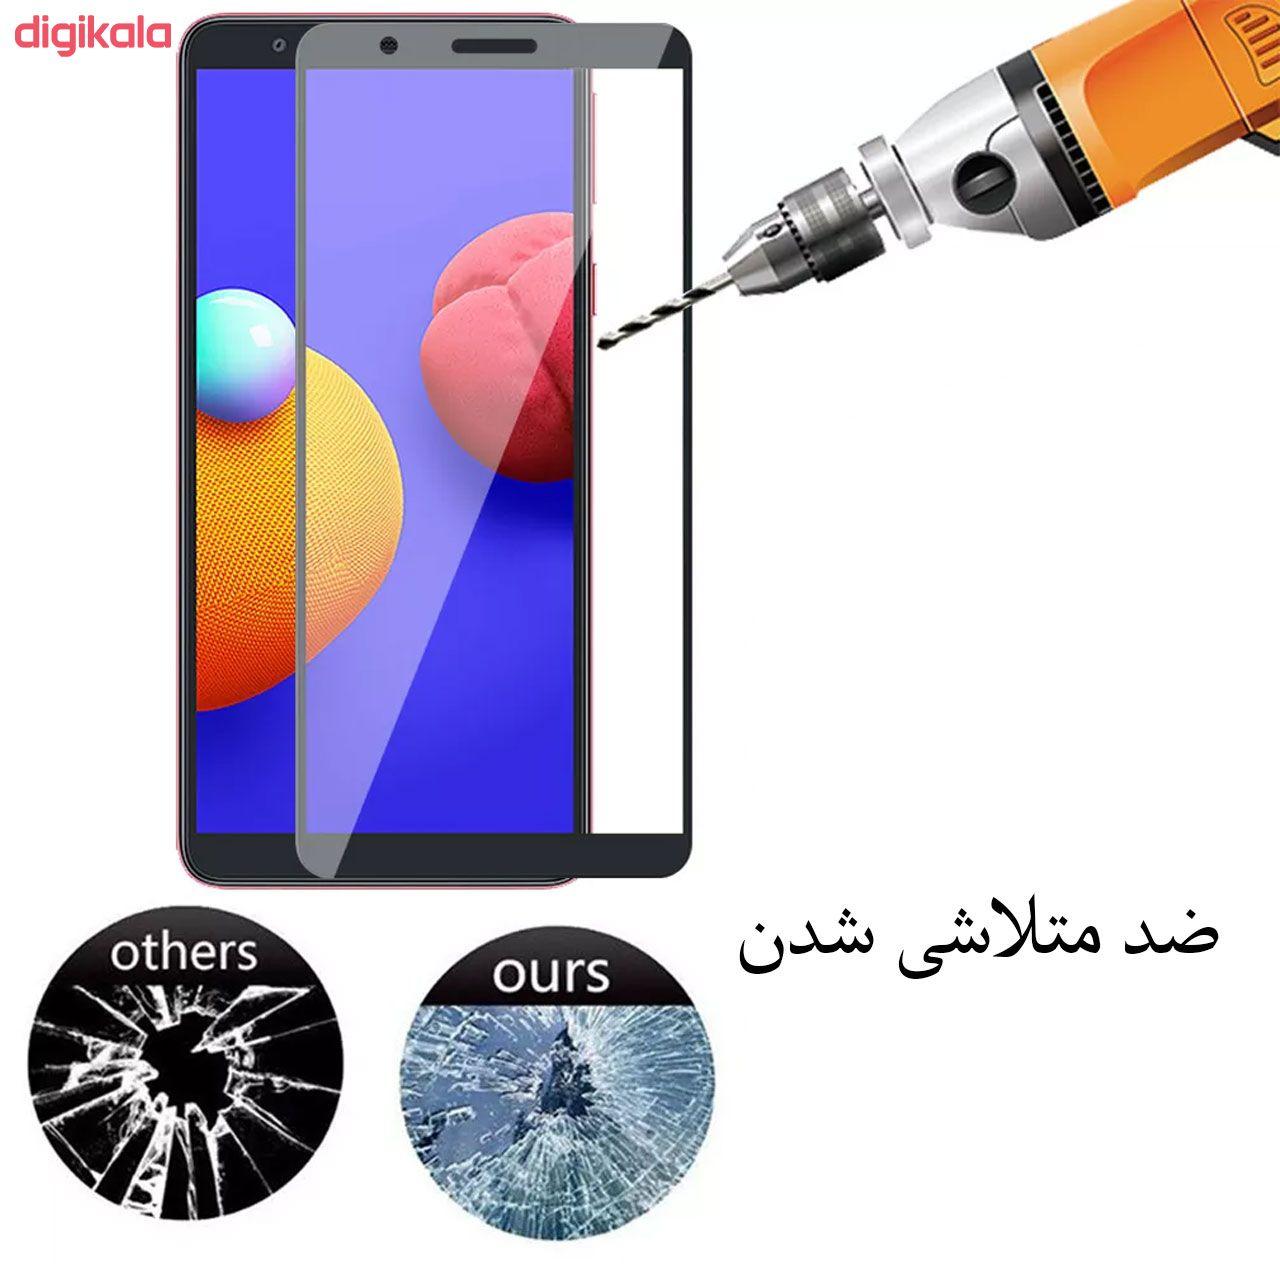 محافظ صفحه نمایش مدل FCG مناسب برای گوشی موبایل سامسونگ Galaxy A01 Core main 1 4